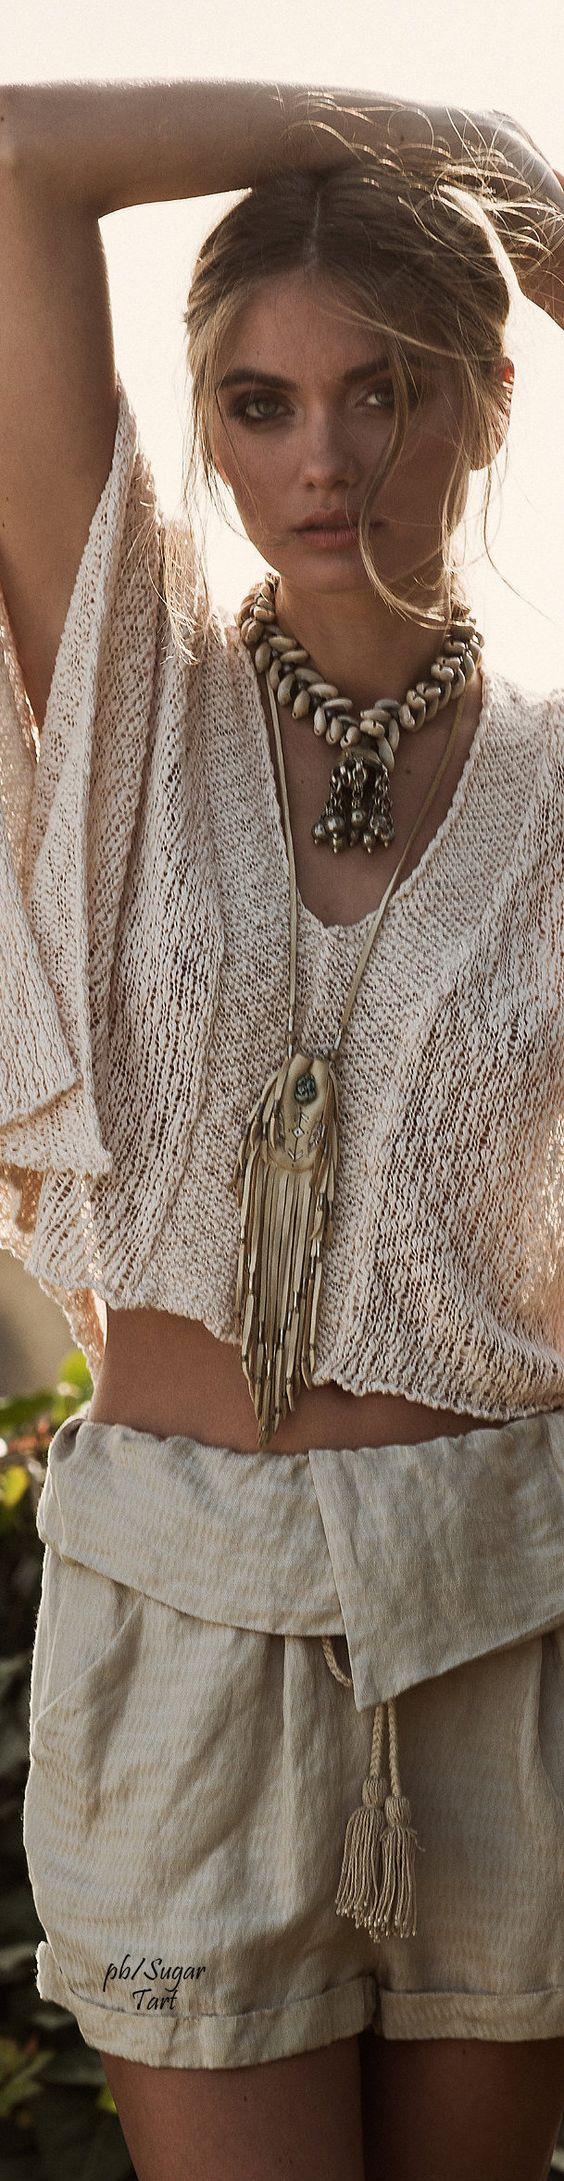 •≫∙∙☮ Bohème Babe ☮∙∙≪• ❤️ Babz ✿ιиѕριяαтισи❀ #abbigliamento #bohojewelry #bohosoul: